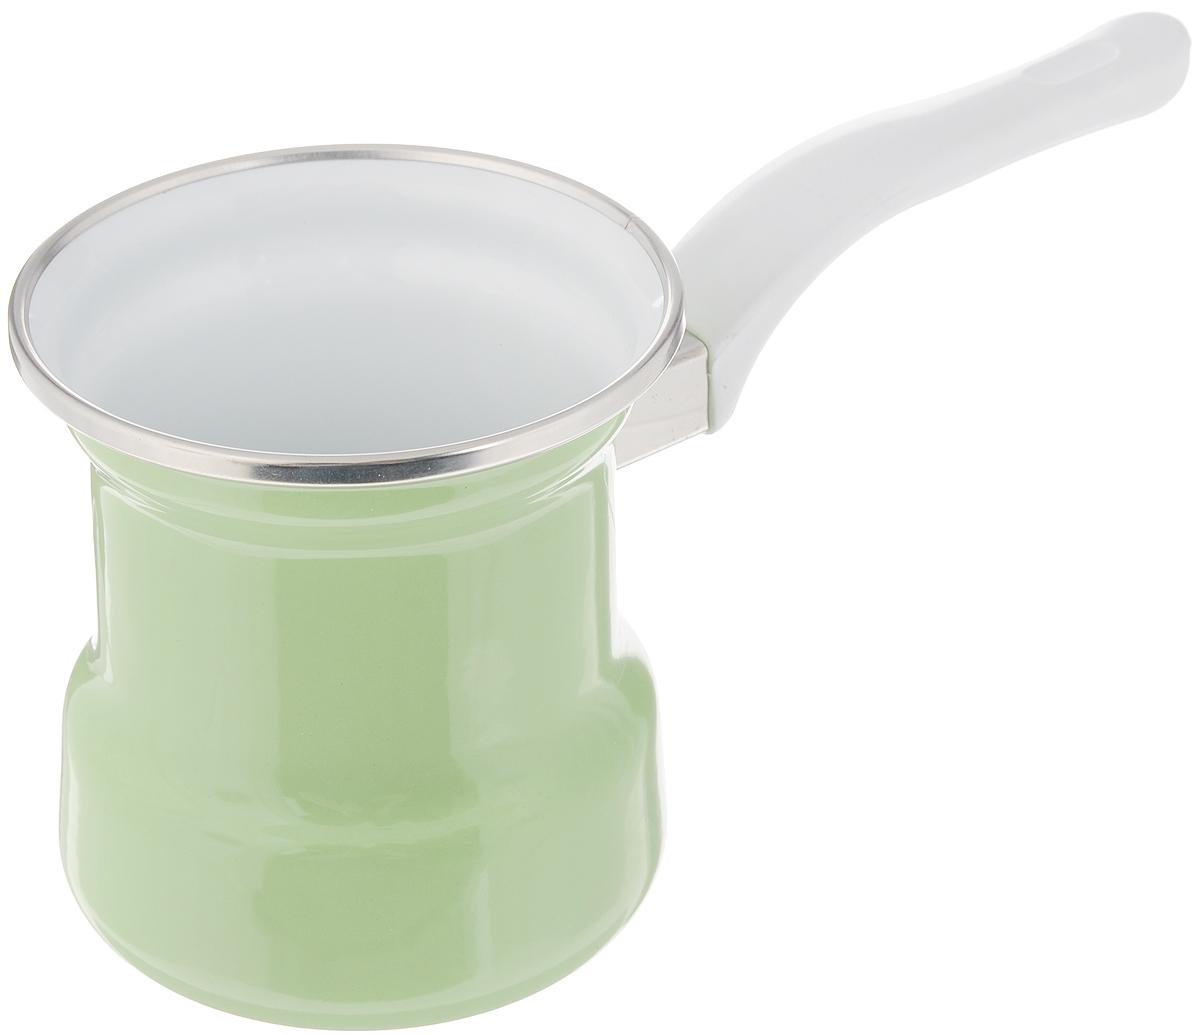 Турка эмалированная Elros Green Apple, цвет: зеленый, 400 млС-4103АП/3ДСзл/3СзлТурка Elros Green Apple прекрасно подходит для приготовления настоящего кофе на плите. Изготовлена из стали с эмалированным покрытием. Изделие оснащено эргономичной ручкой. Такая турка органично впишется в интерьер вашей кухни и станет замечательным подарком к любому случаю. Подходит для всех видов плит. Можно мыть в посудомоечной машине. Диаметр (по верхнему краю): 9 см. Высота стенки: 10 см. Длина ручки: 12,5 см.